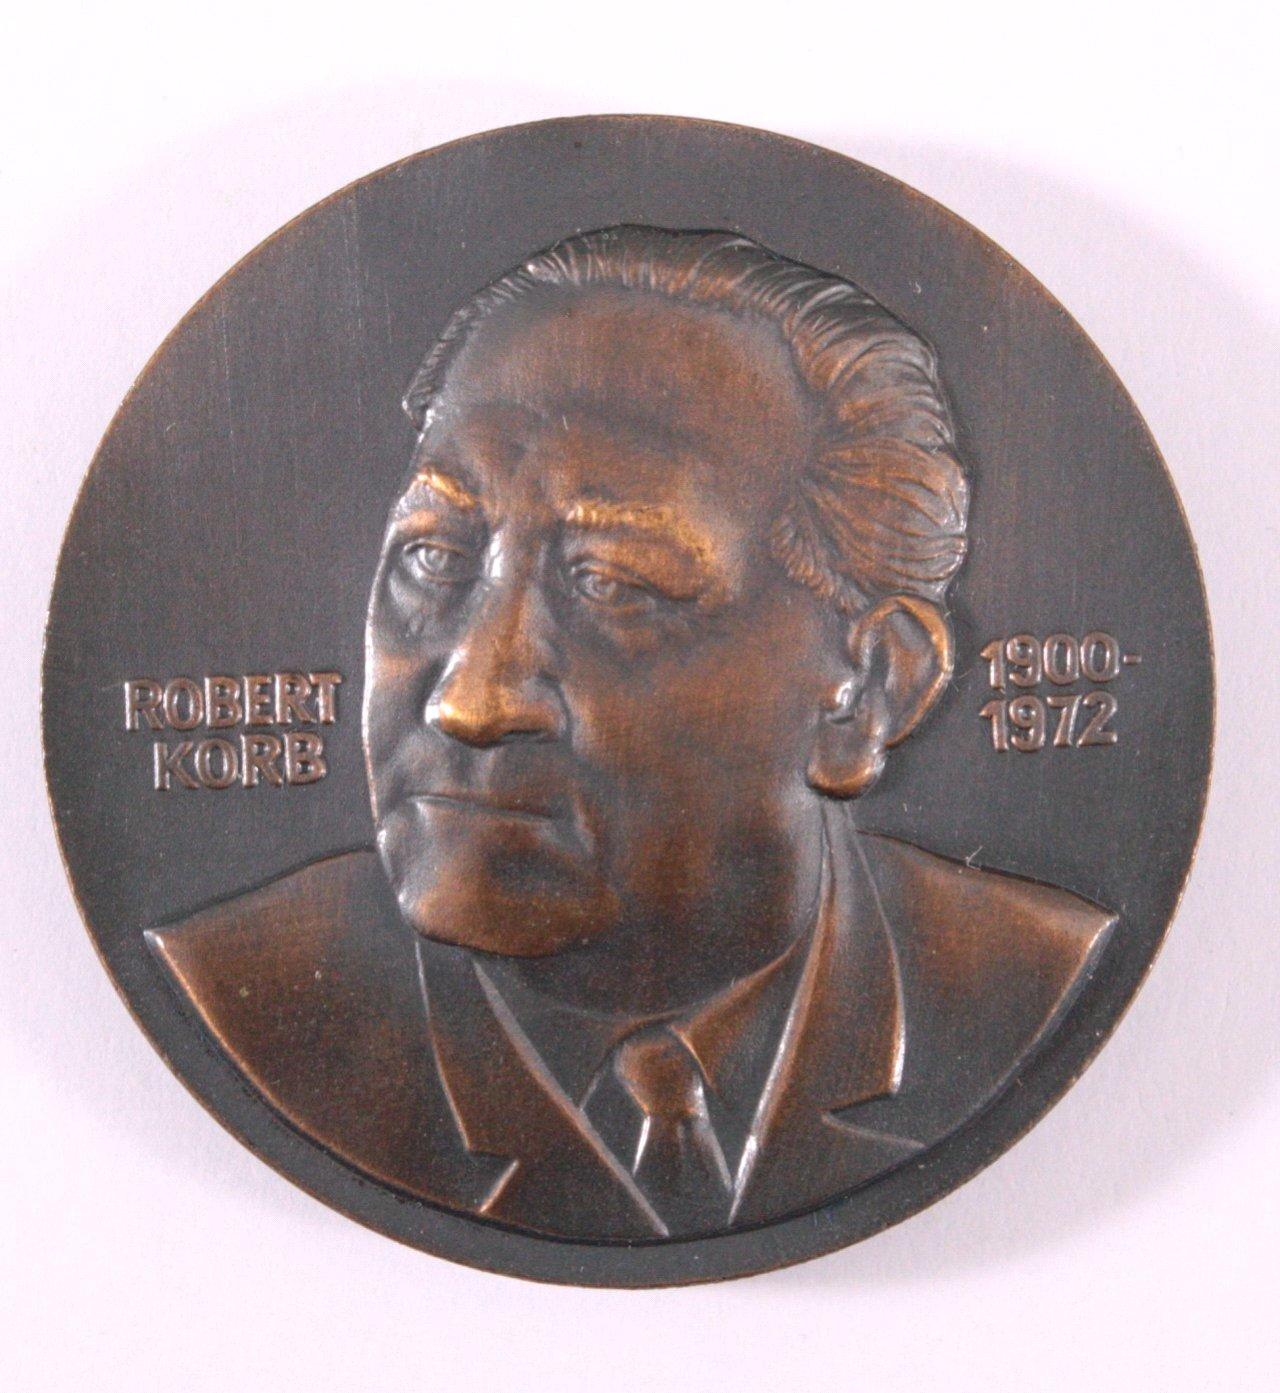 DDR Medaille, Robert Korb SED 1986